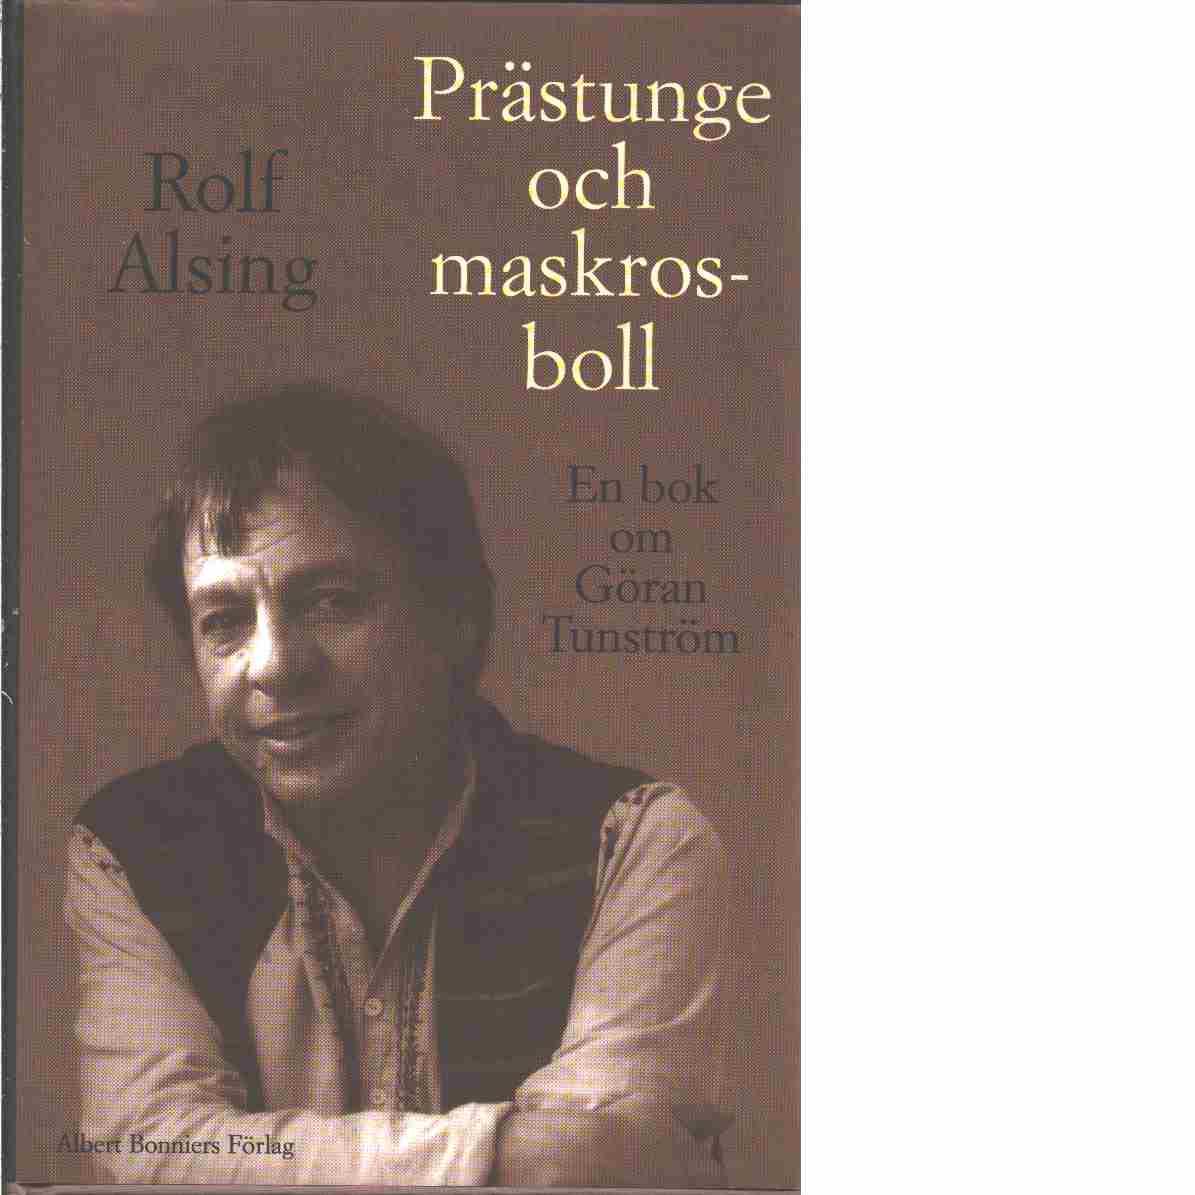 Prästunge och maskrosboll  en bok om Göran Tunström  - Alsing, Rolf